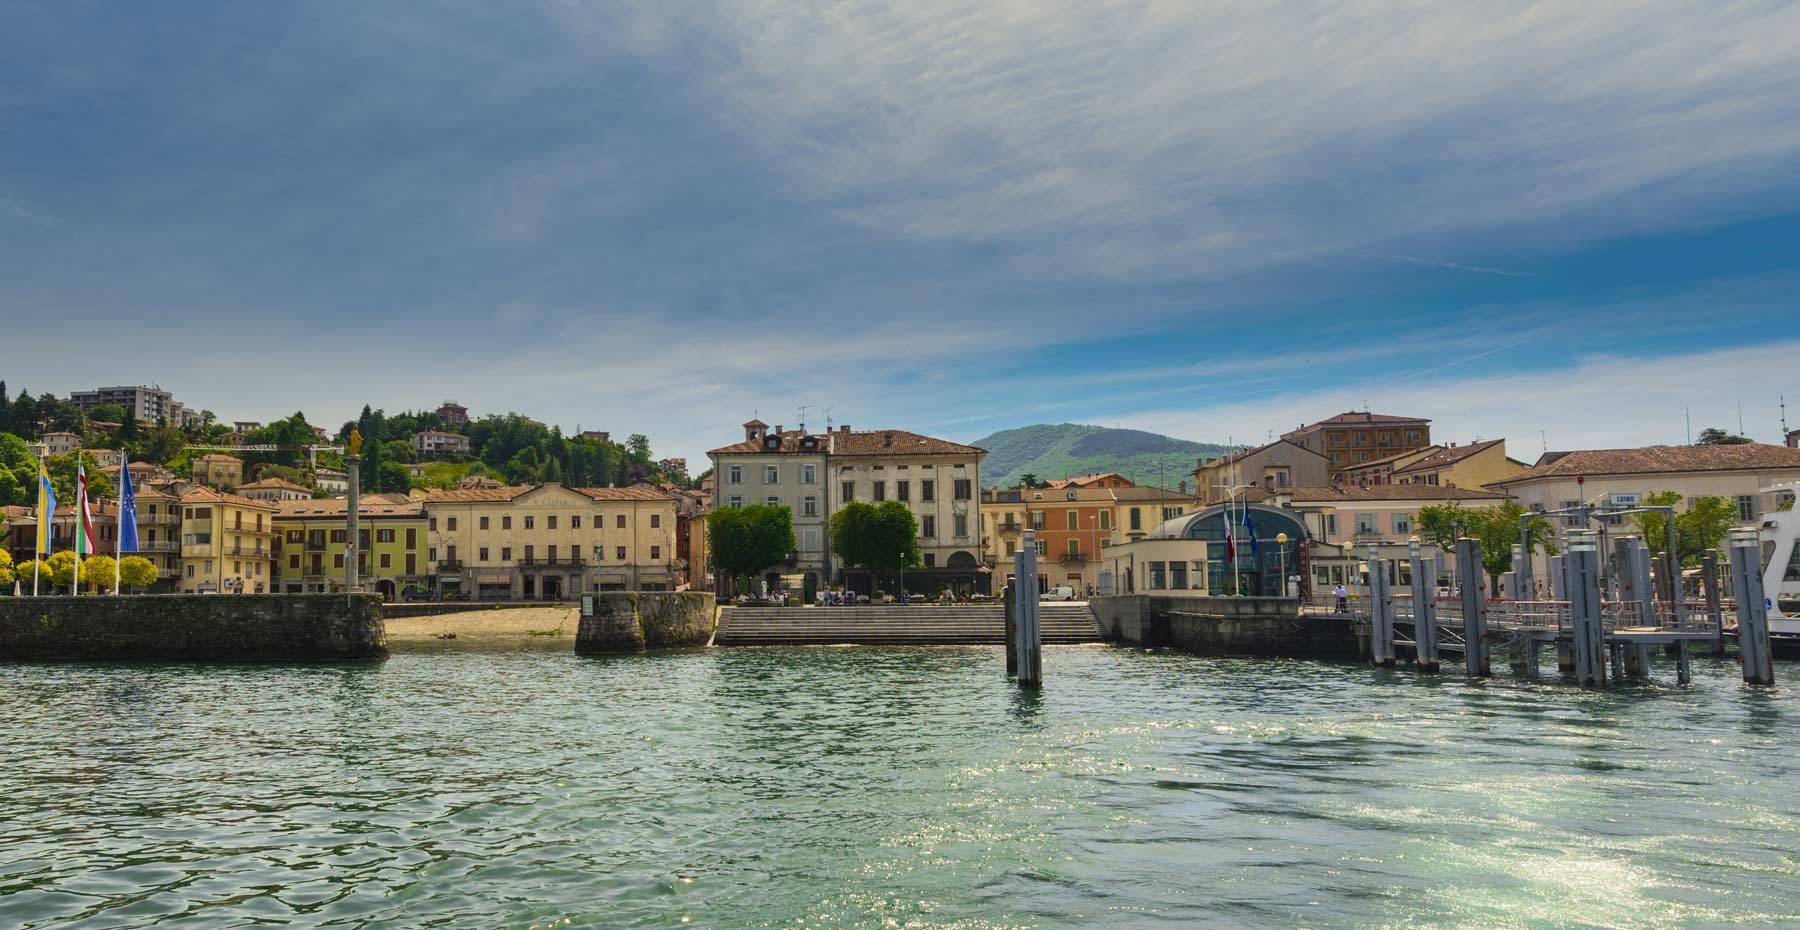 Luino lago maggiore sehenswertes nahe varese camin hotel for Designhotel lago maggiore